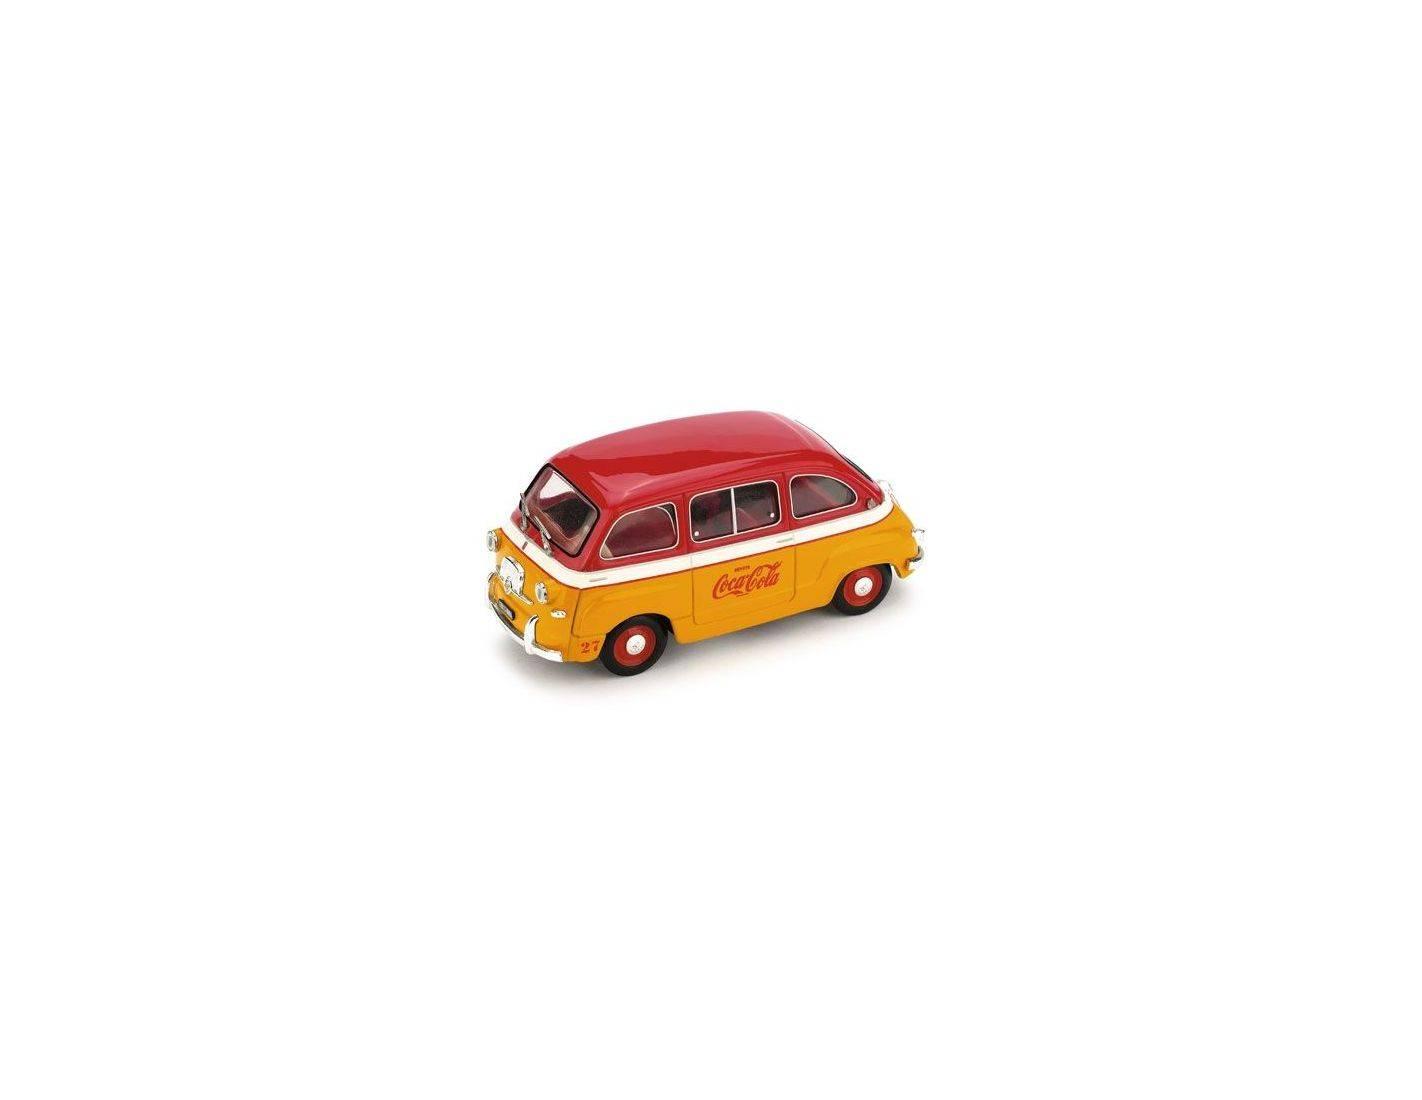 Fiat 600 Multipla Coca Cola 1960 Brumm 1:43 R482 Modellino Auto Diecast